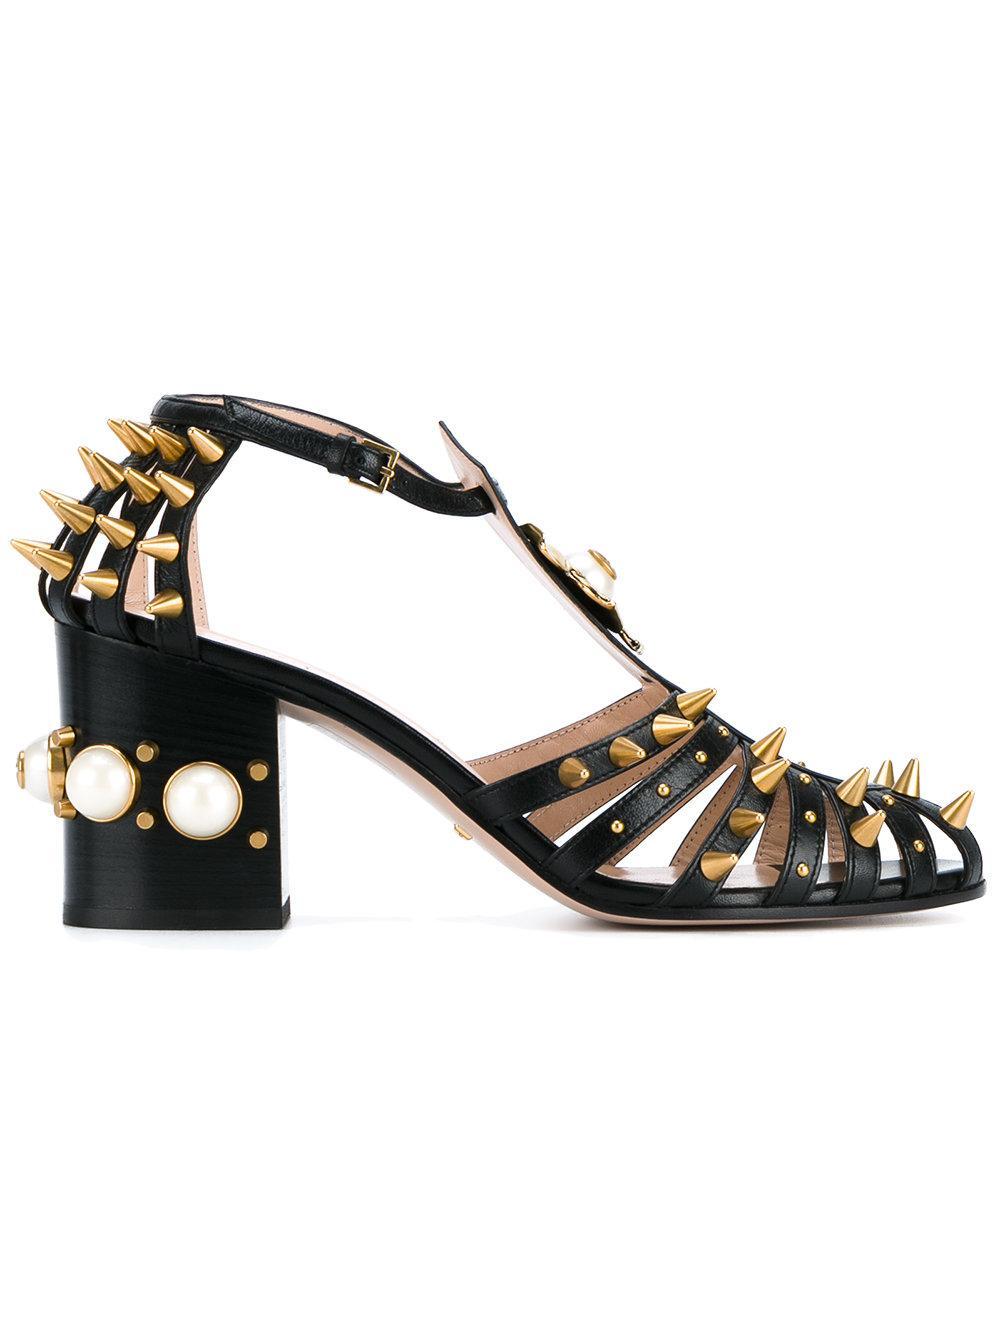 Versace high heel leather boots soaking wet - 3 6